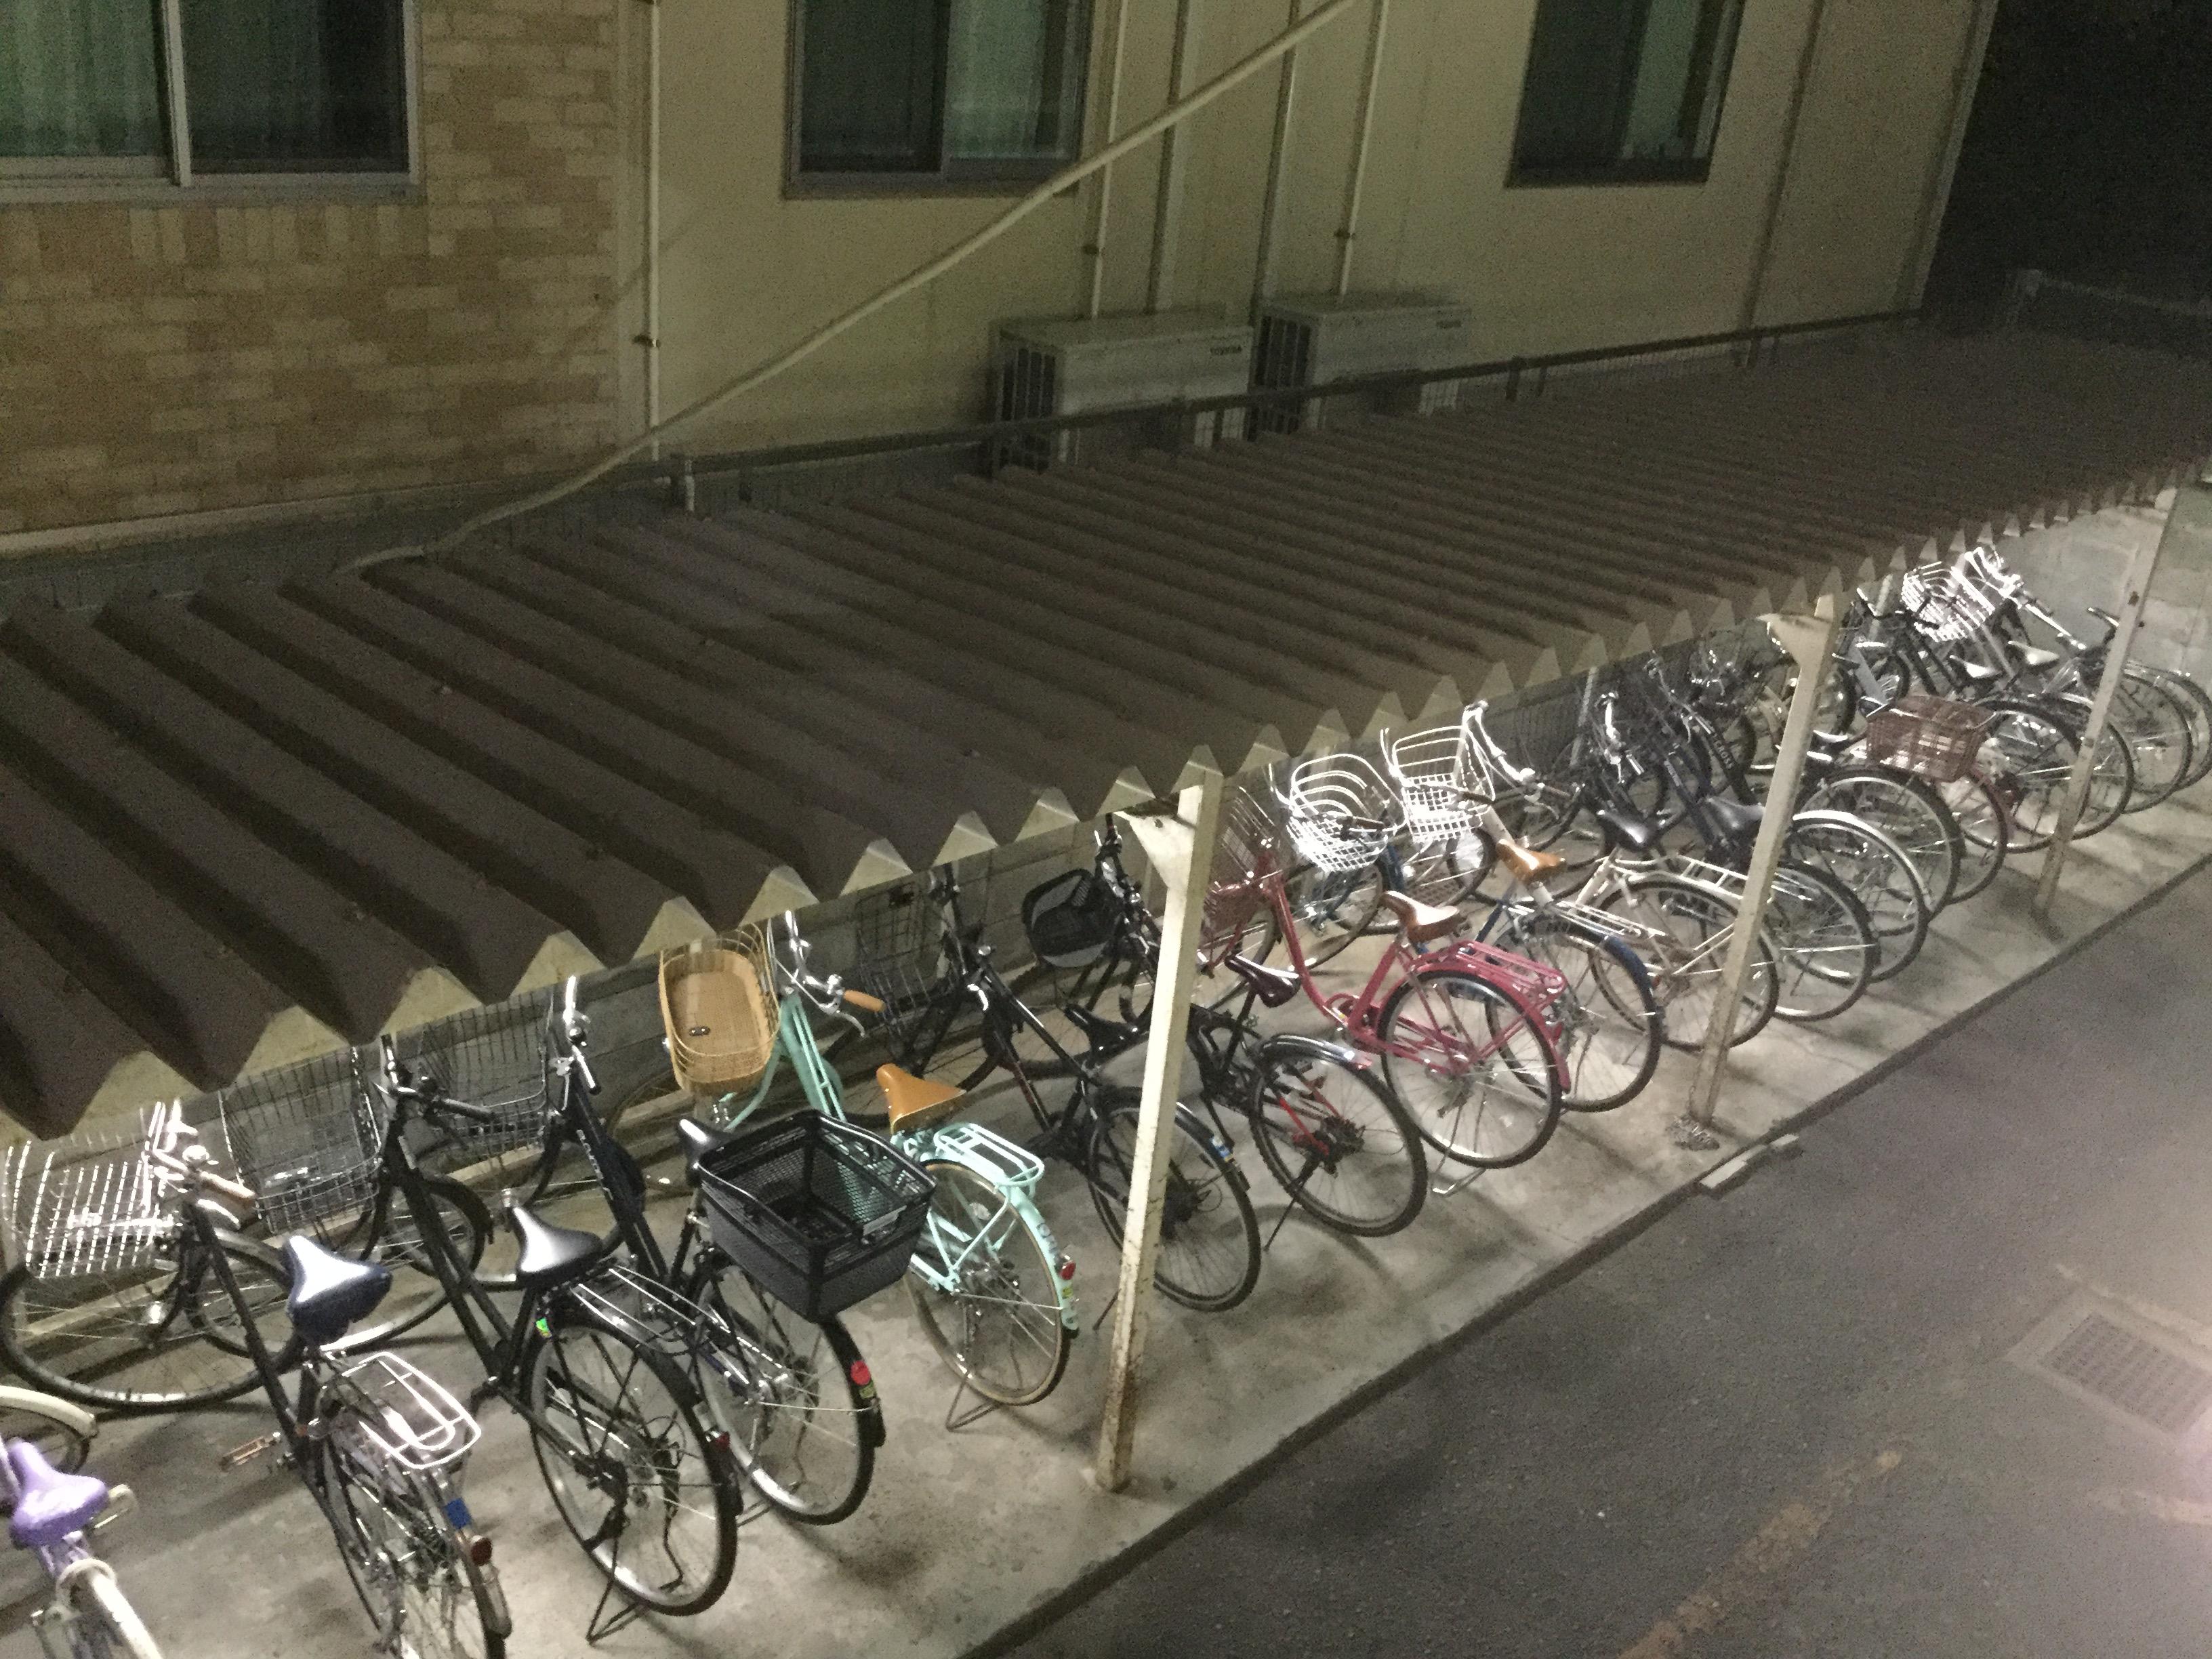 専用駐輪場には、自転車がきれいにたくさん並んでいます。